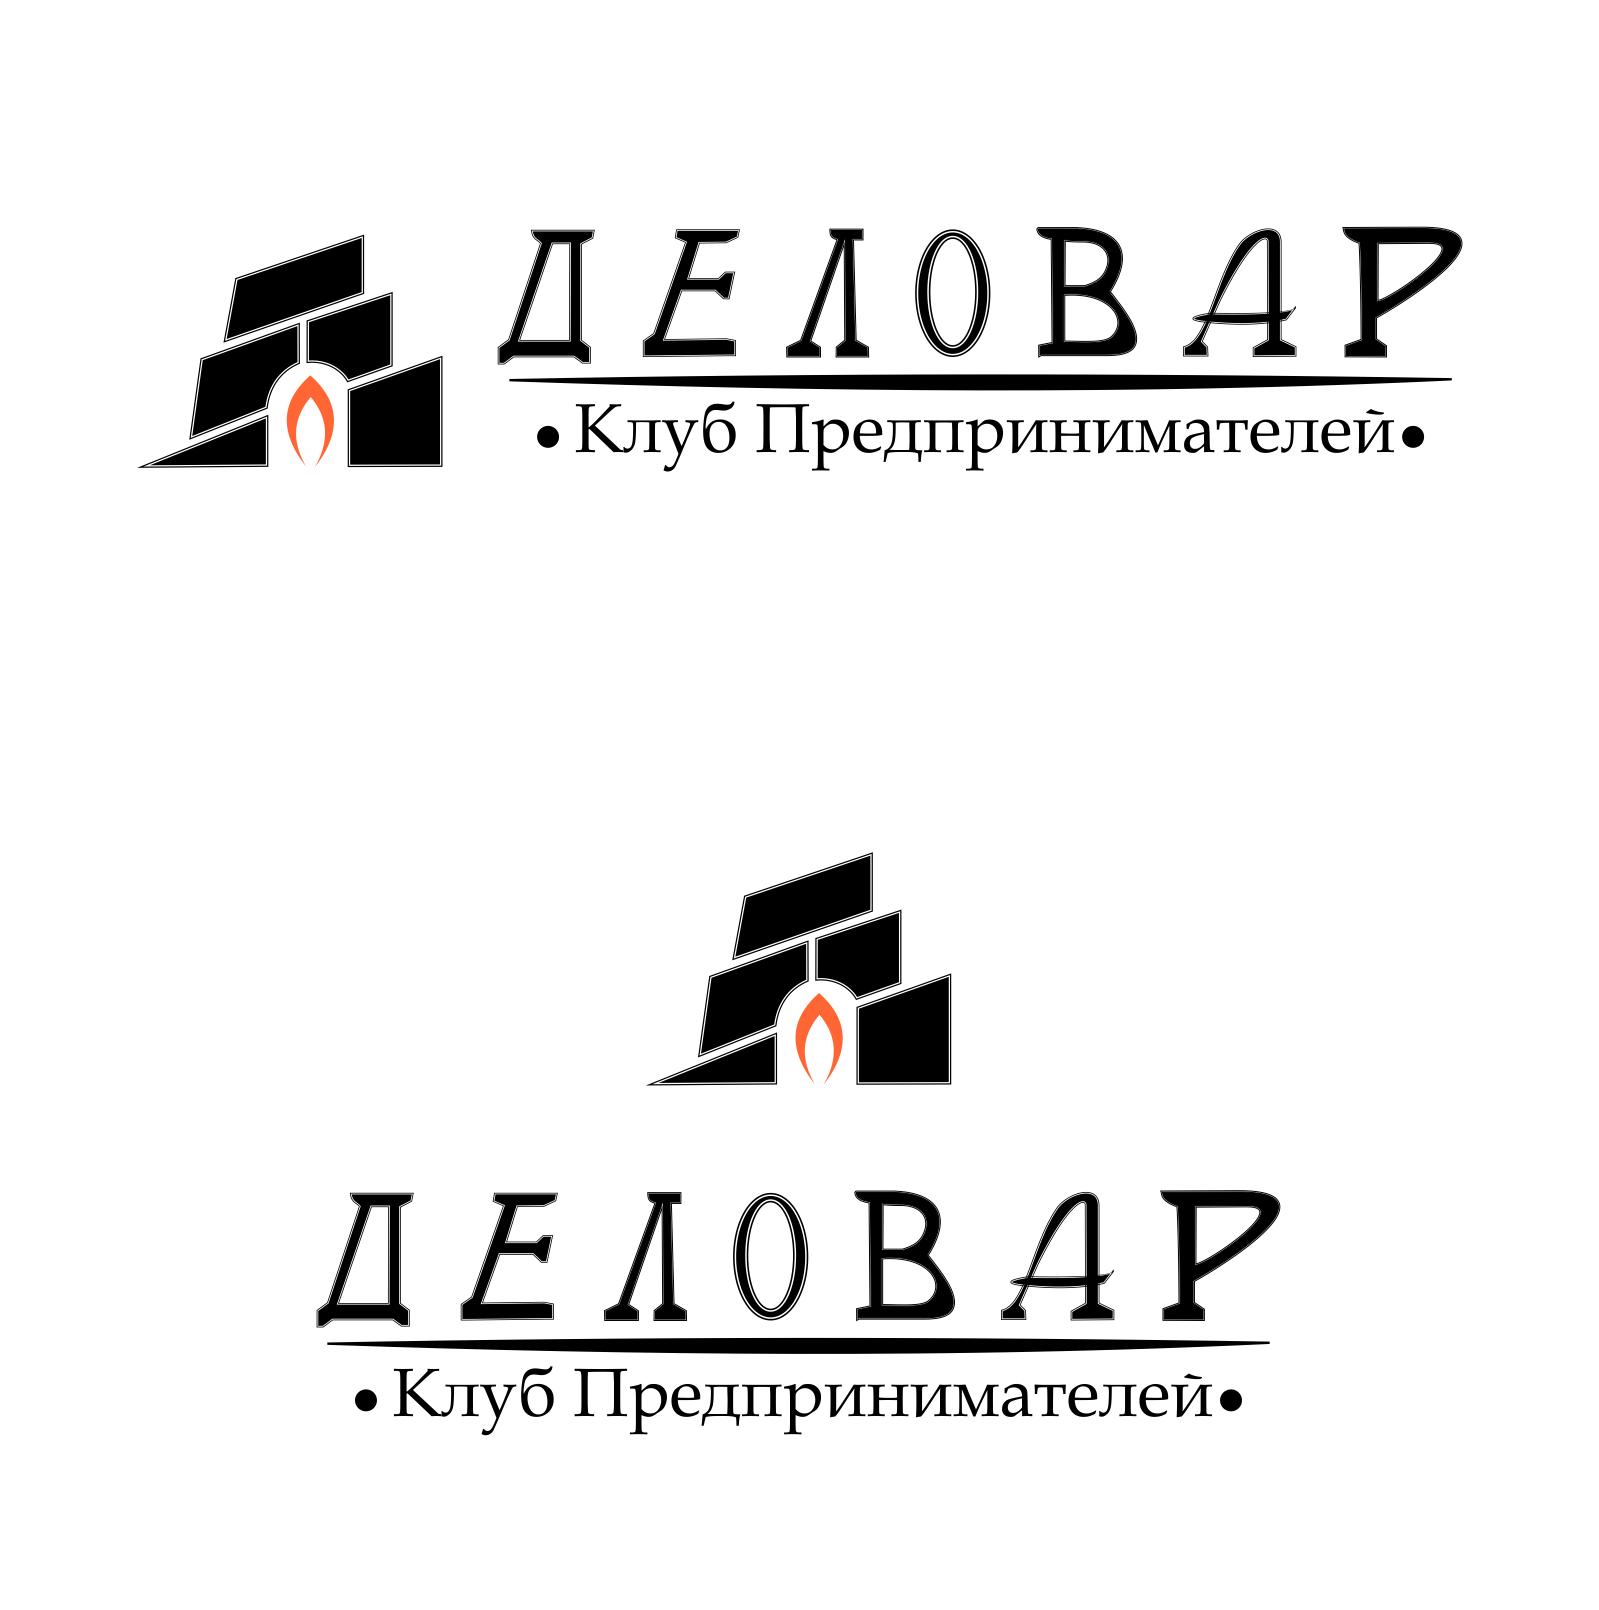 """Логотип и фирм. стиль для Клуба предпринимателей """"Деловар"""" фото f_504a19eb534b0.png"""